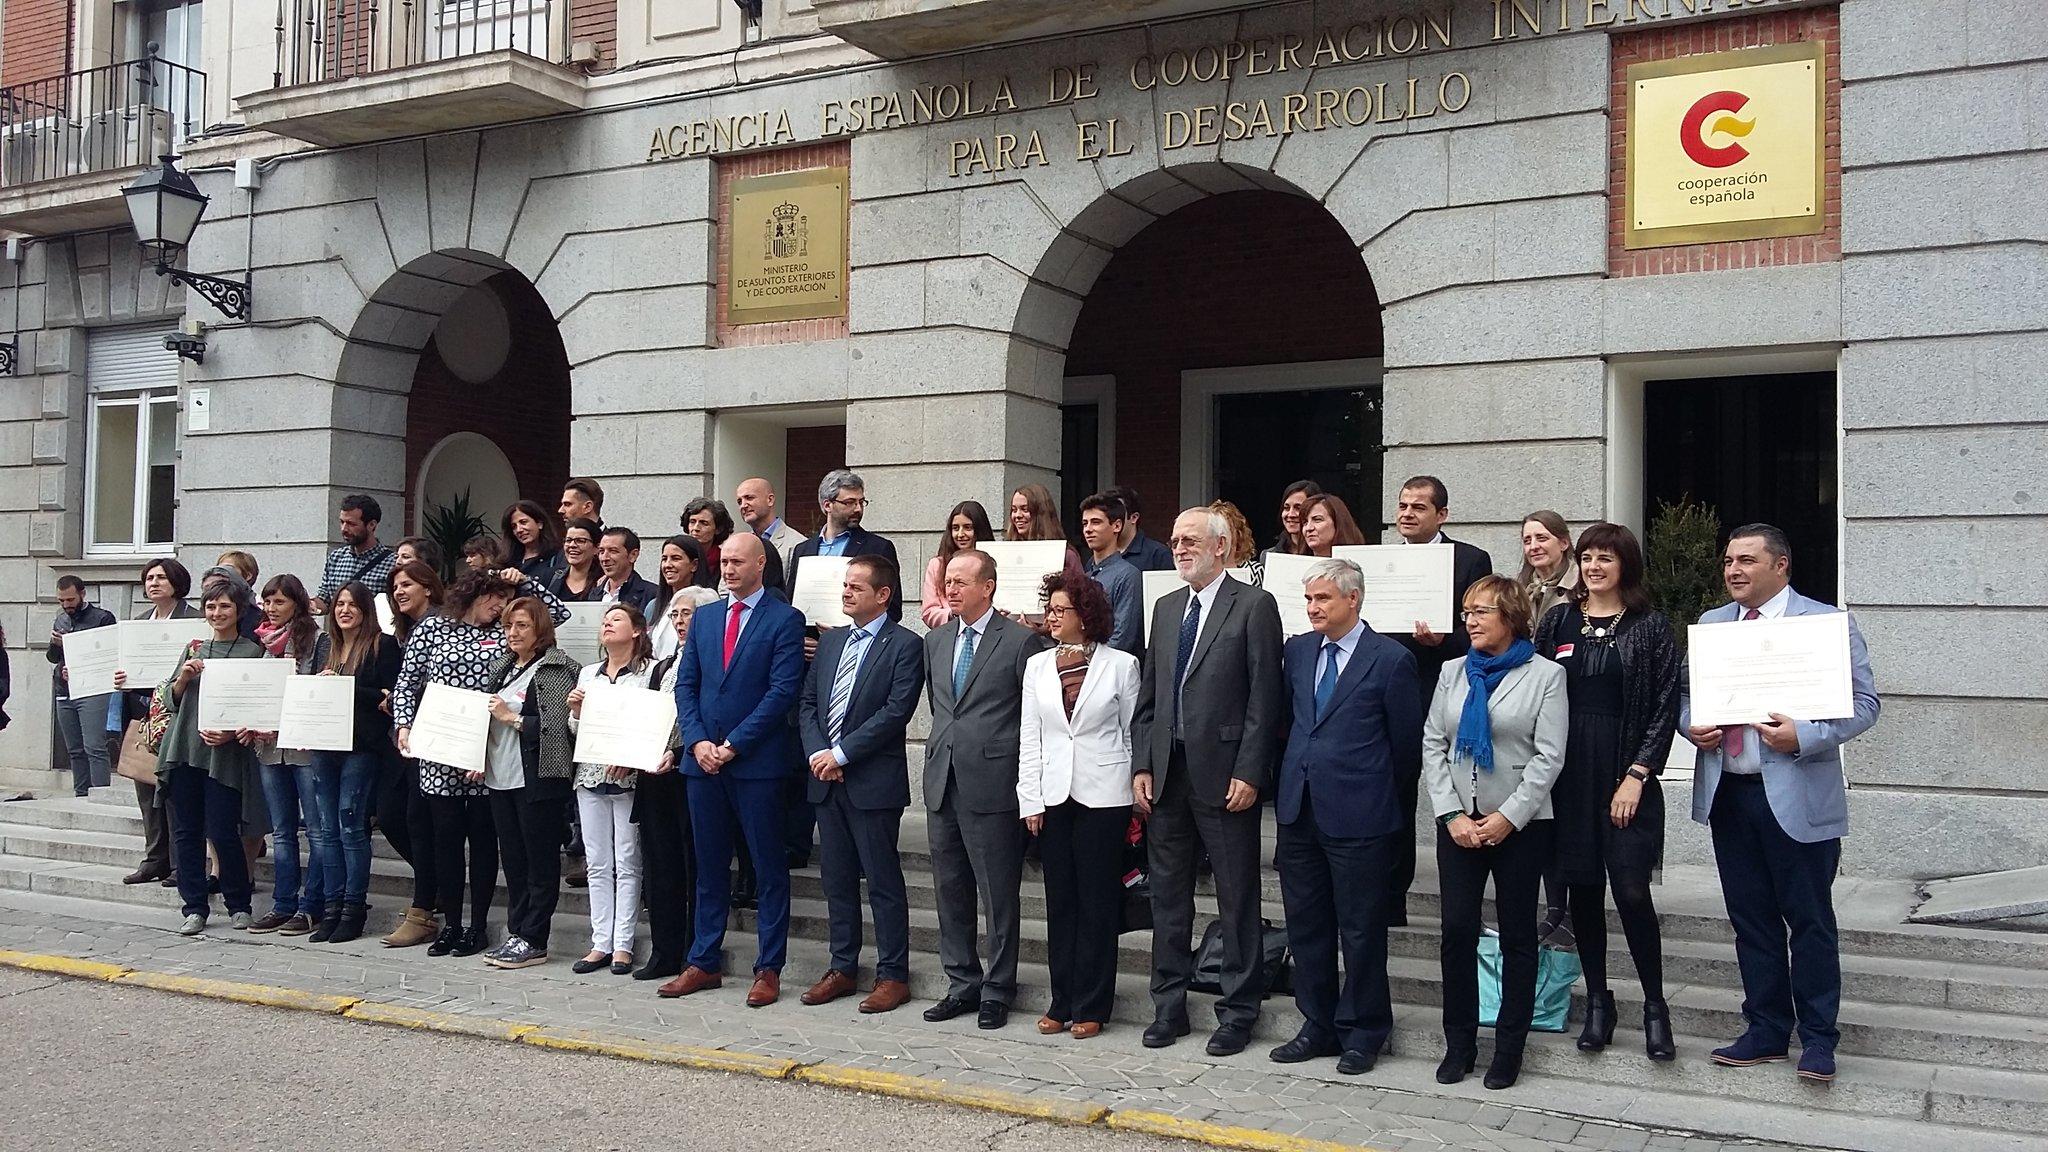 Aquí tenemos a los ganadores del Premio Nacional de #Educación para el Desarrollo Vicente Ferrer. #Enhorabuena. #PremioED https://t.co/KaeUwT2bqQ